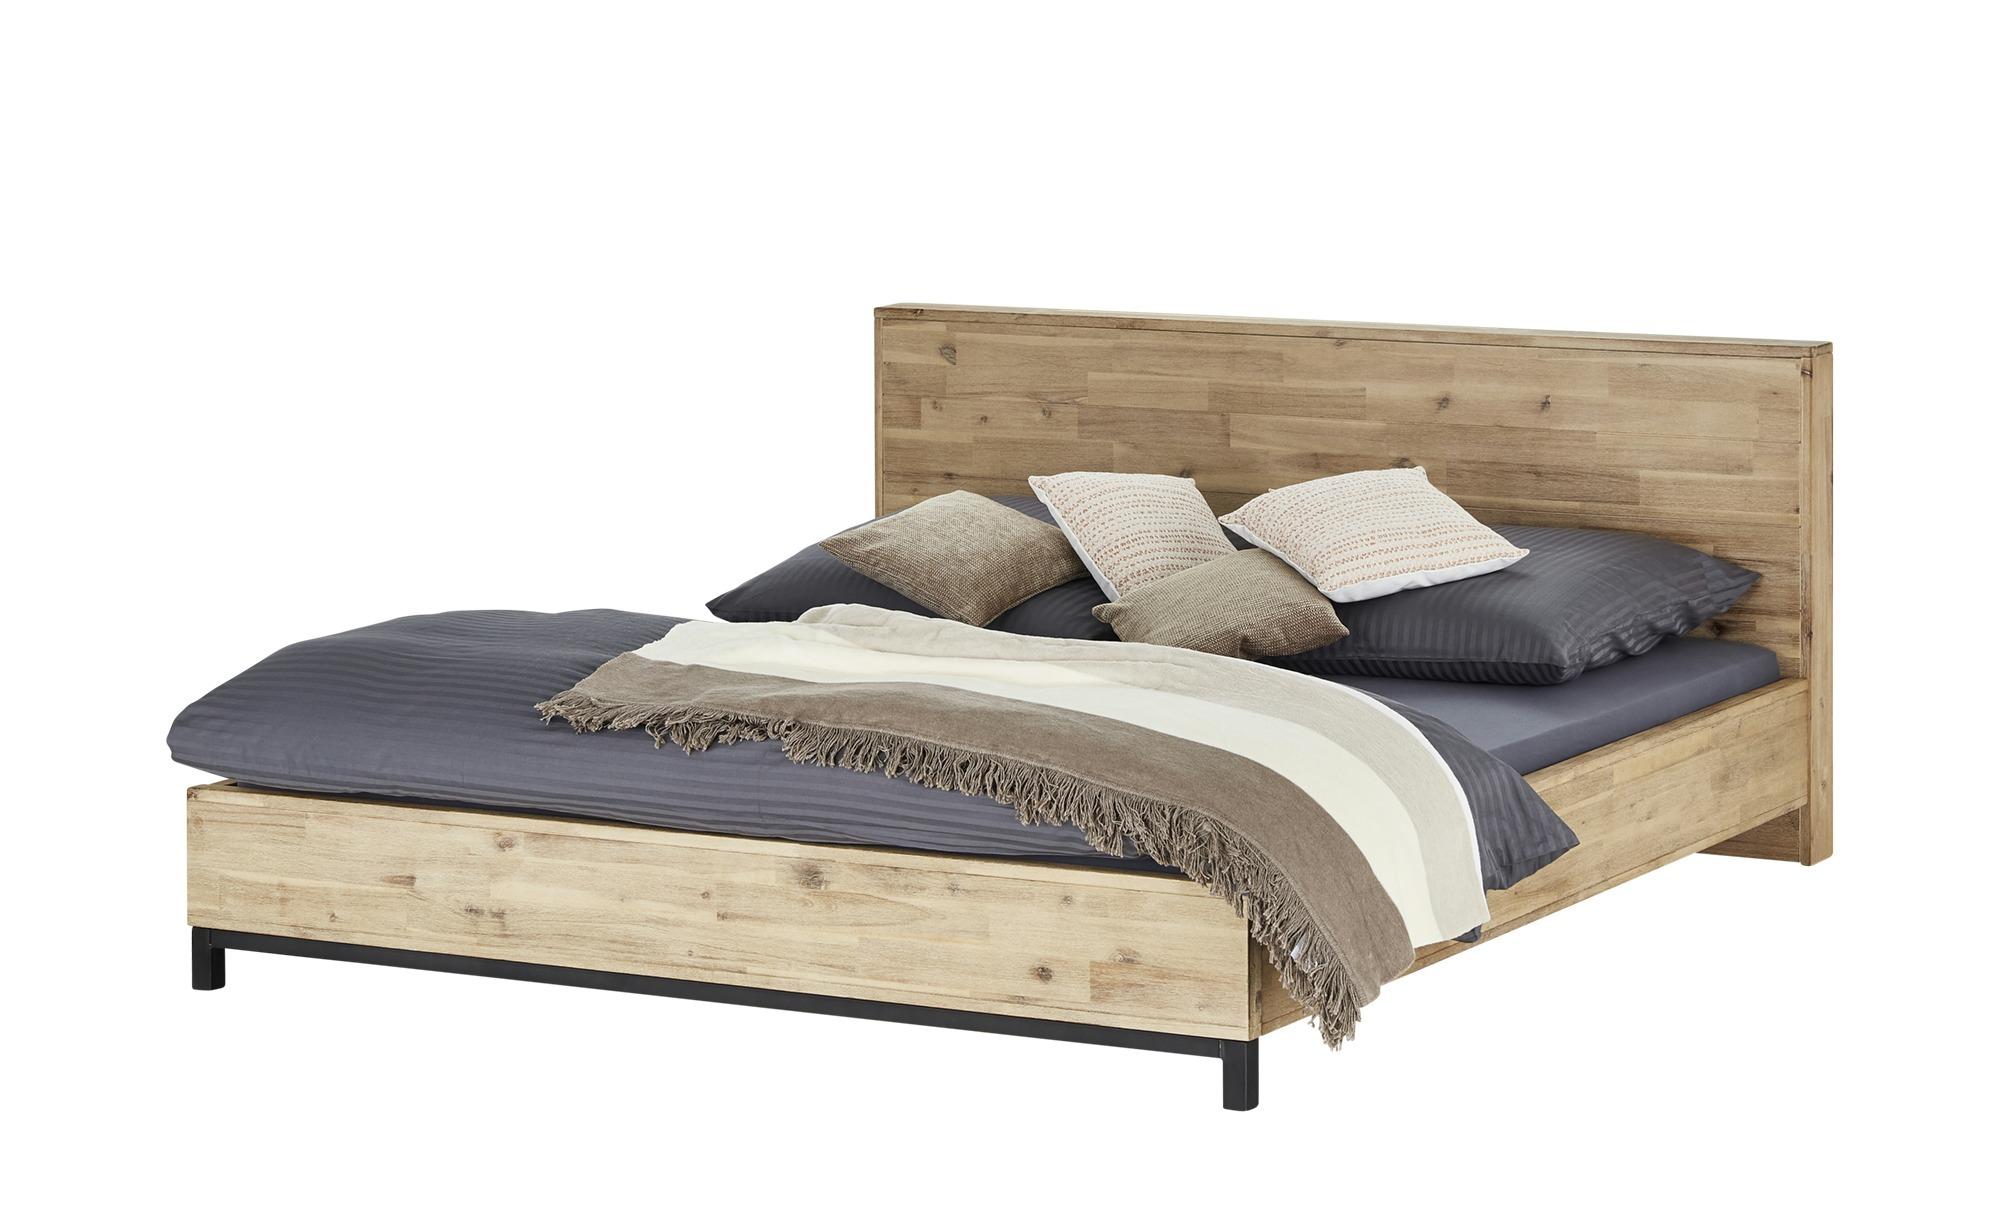 Doppelbettgestell  Croydon ¦ holzfarben ¦ Maße (cm): B: 191 H: 91 T: 214 Betten > Futonbetten - Höffner